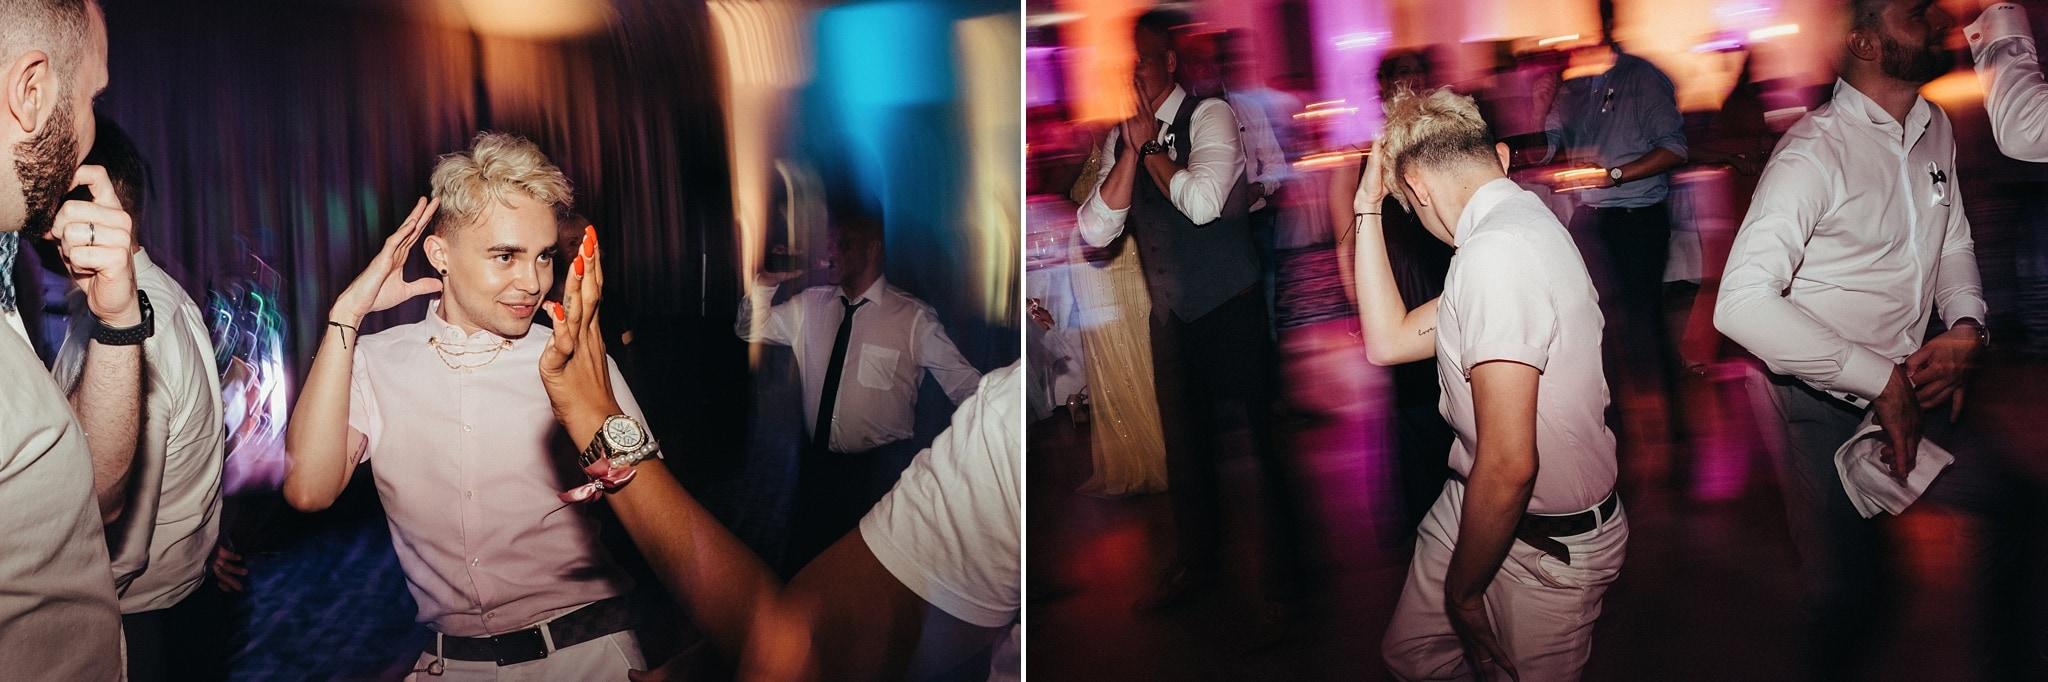 opatija wedding photographer abbazia ki 0089 - Hotel Royal Wedding Photographer Opatija